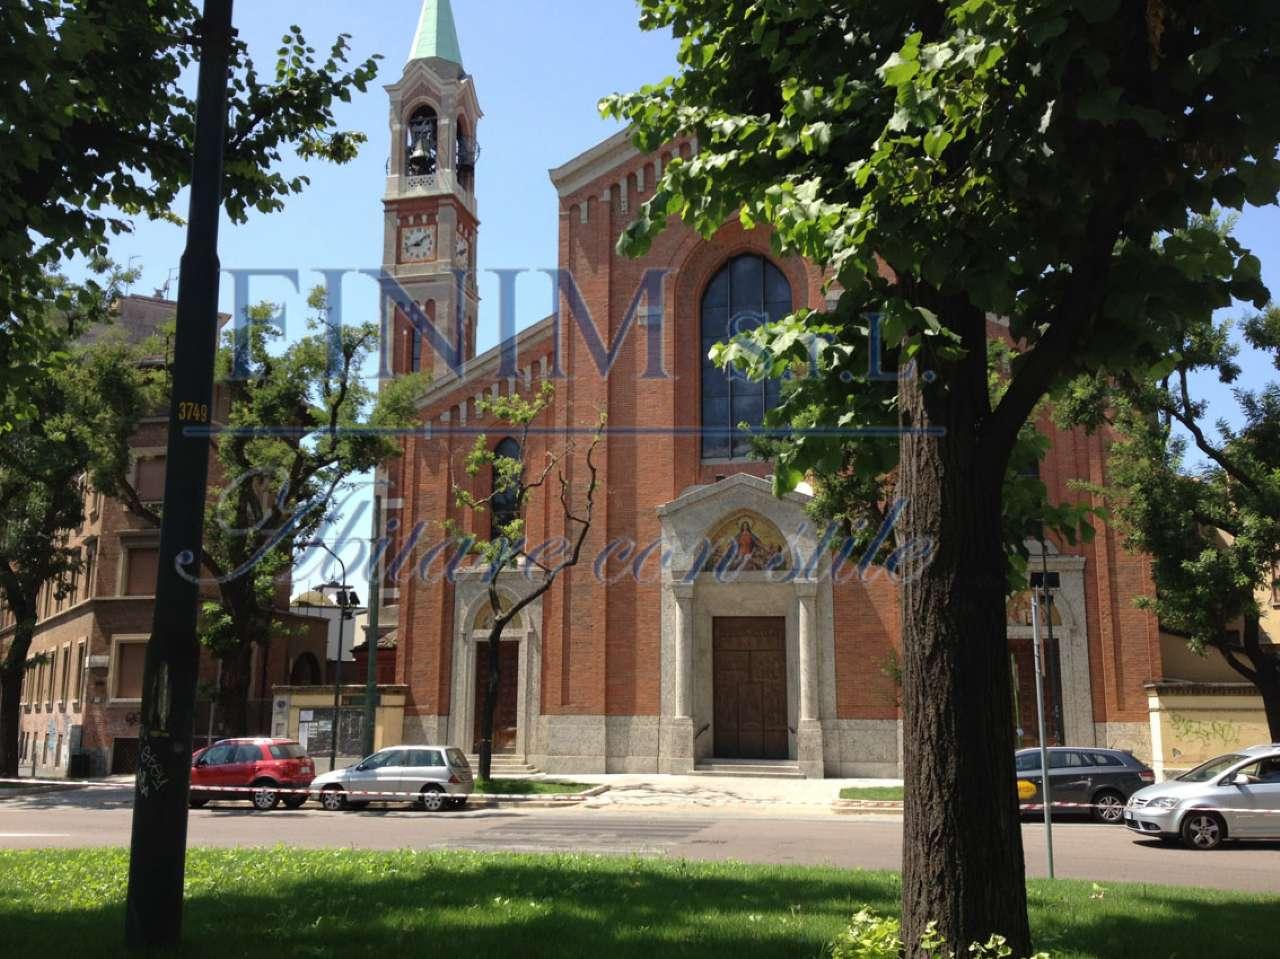 Ufficio-studio in Affitto a Milano 16 Savona / San Cristoforo / Napoli / Coni Zugna: 140 mq